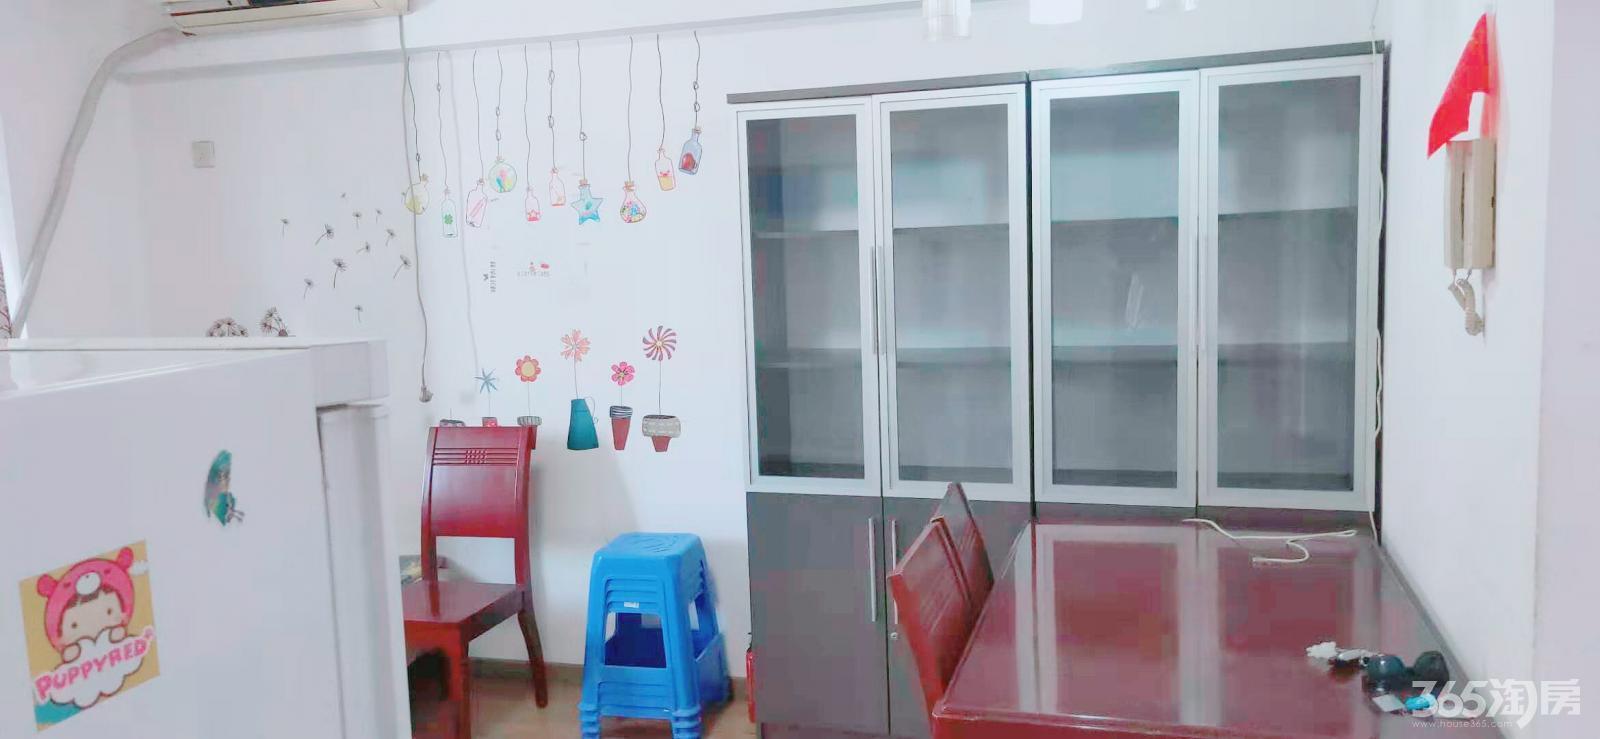 江宁区将军大道托乐嘉单身公寓2室1厅户型图